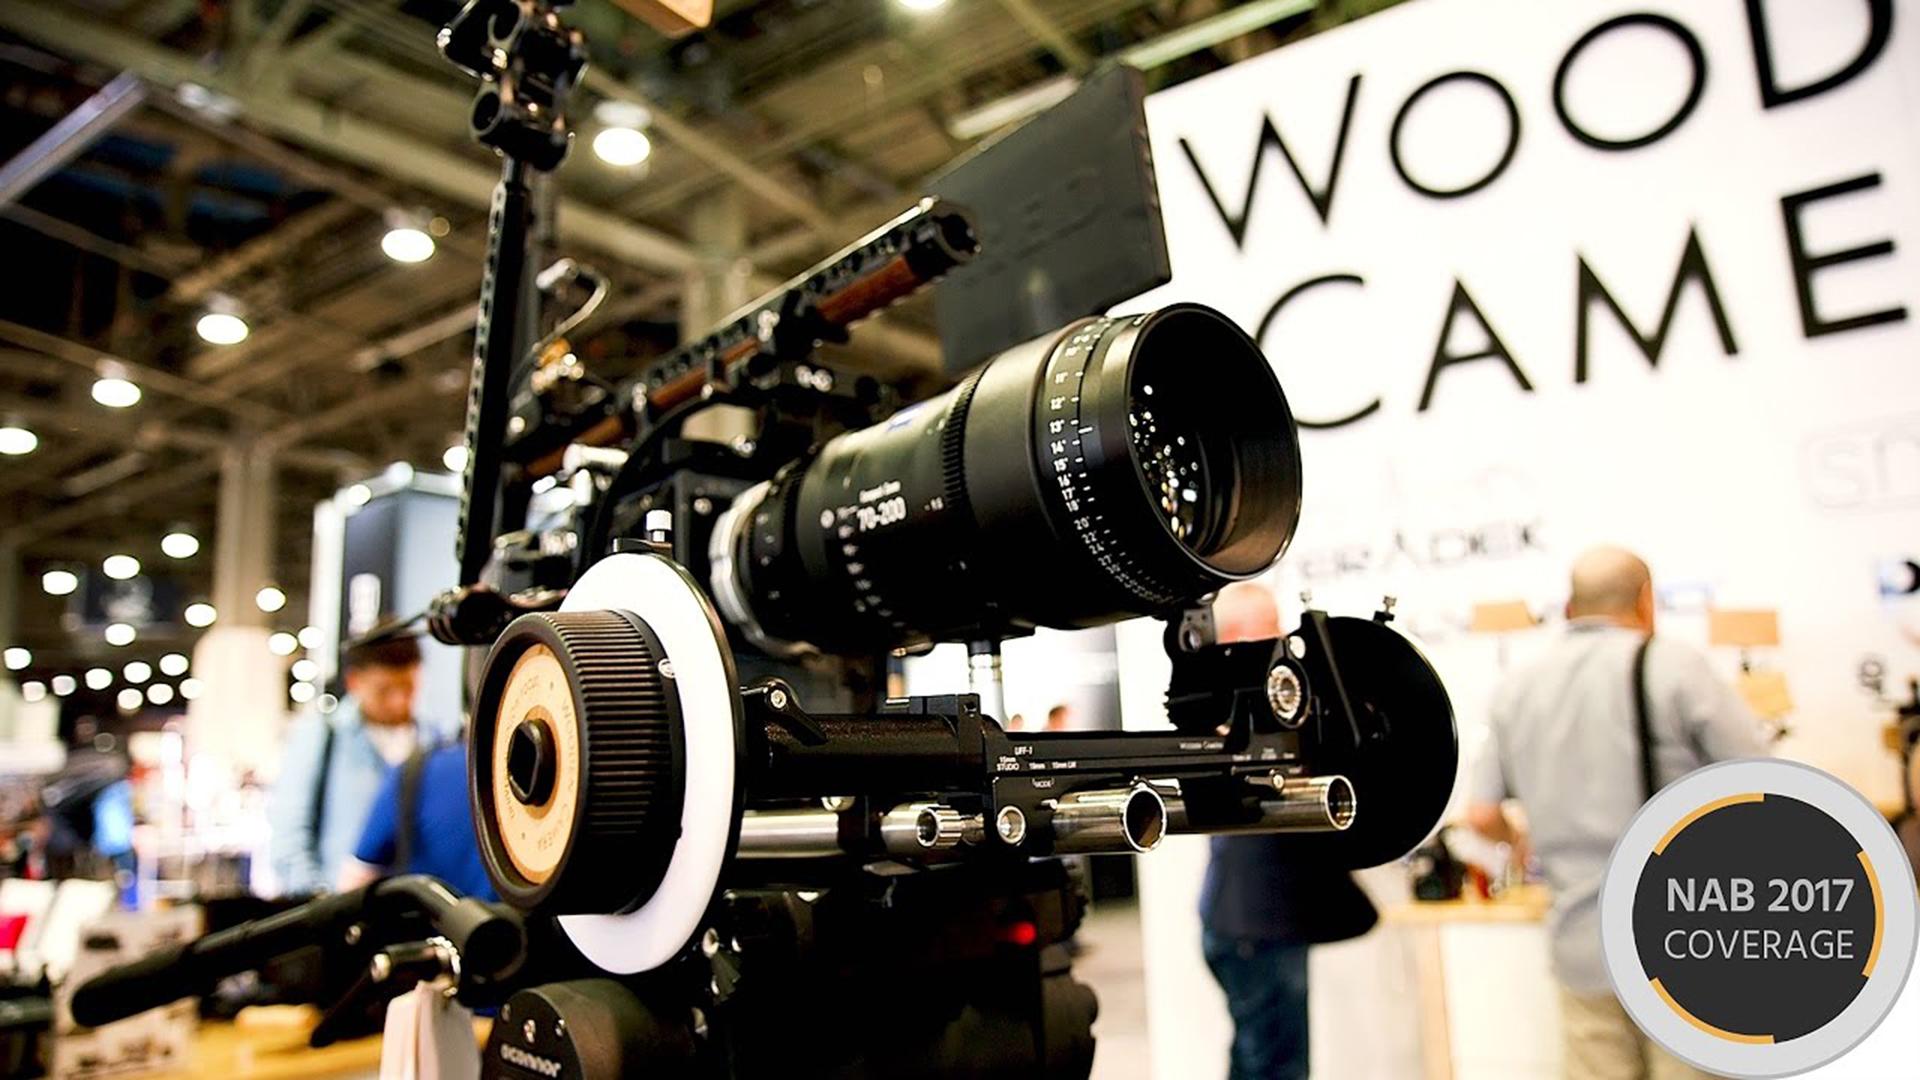 Wooden CameraのUFF-1 - $1,950のユニバーサルフォローフォーカス